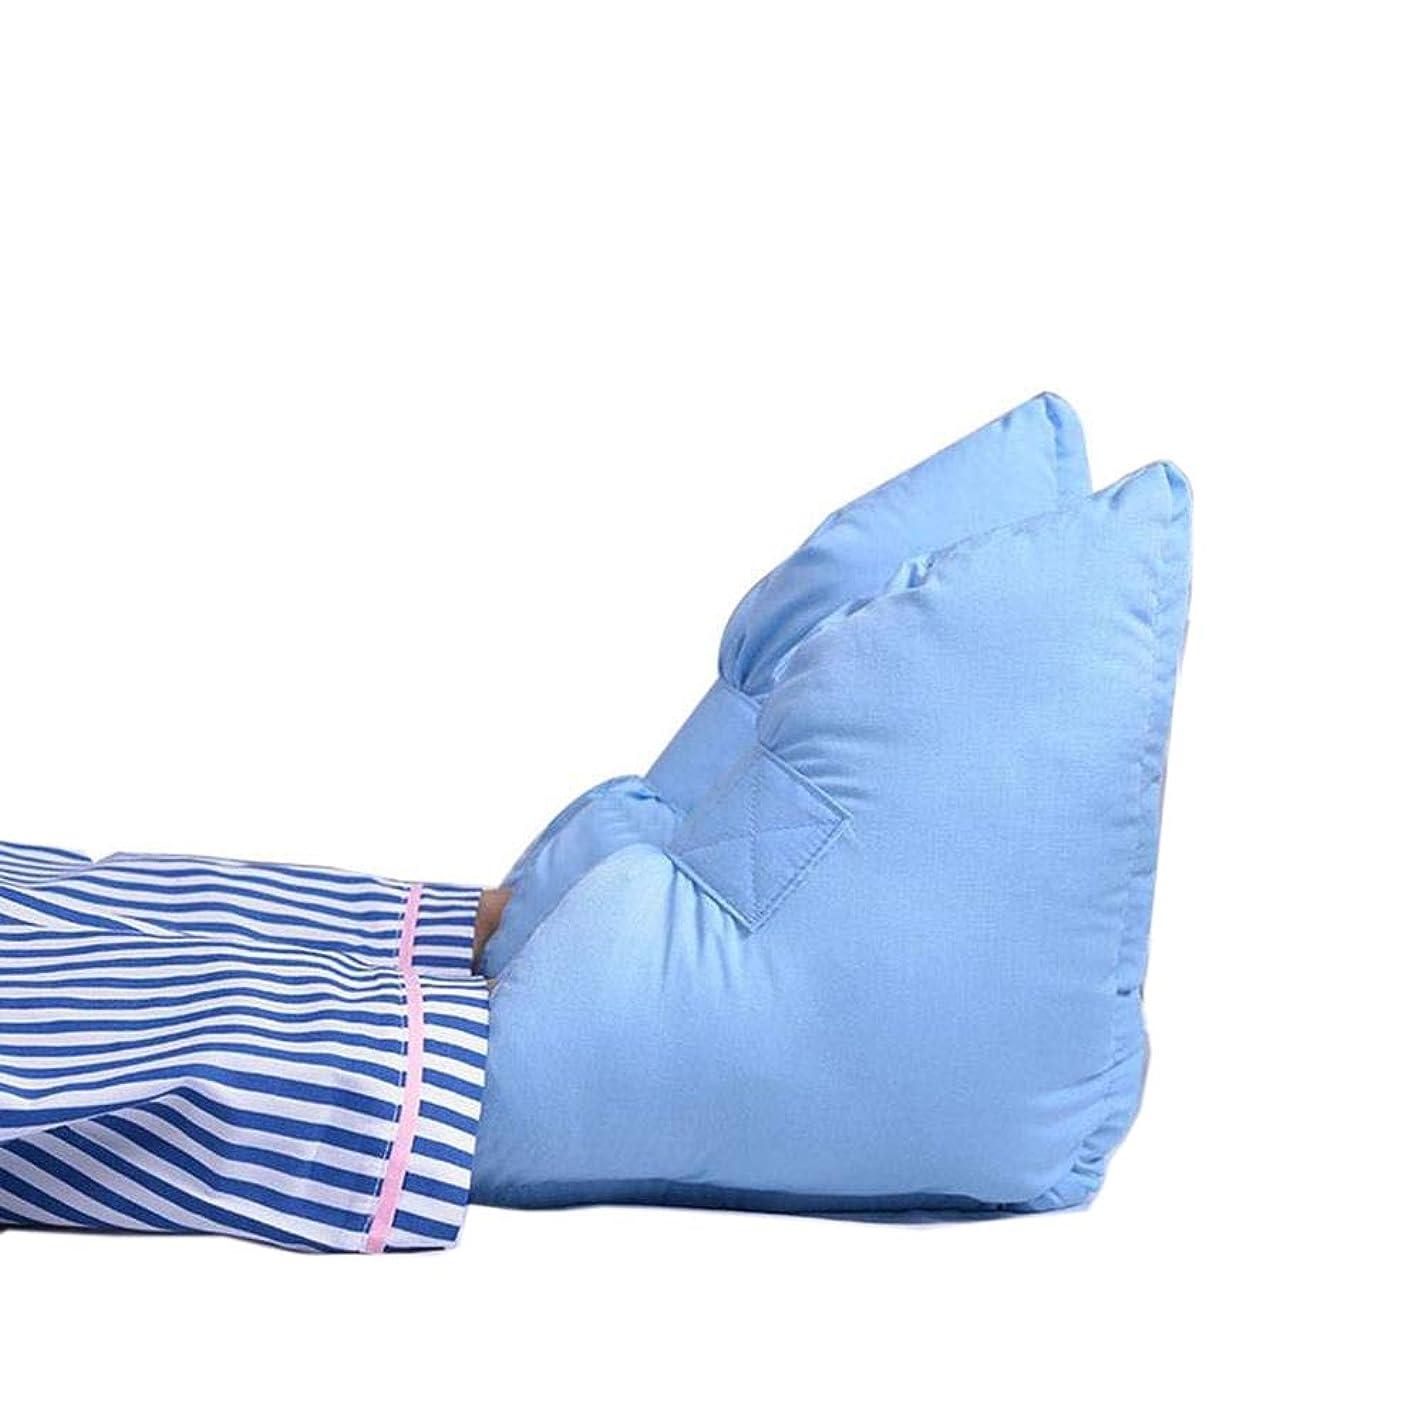 エンティティ不名誉飢え反褥瘡ソフトヒールプロテクター枕、褥瘡予防のためのヒールフロートヒールプロテクター